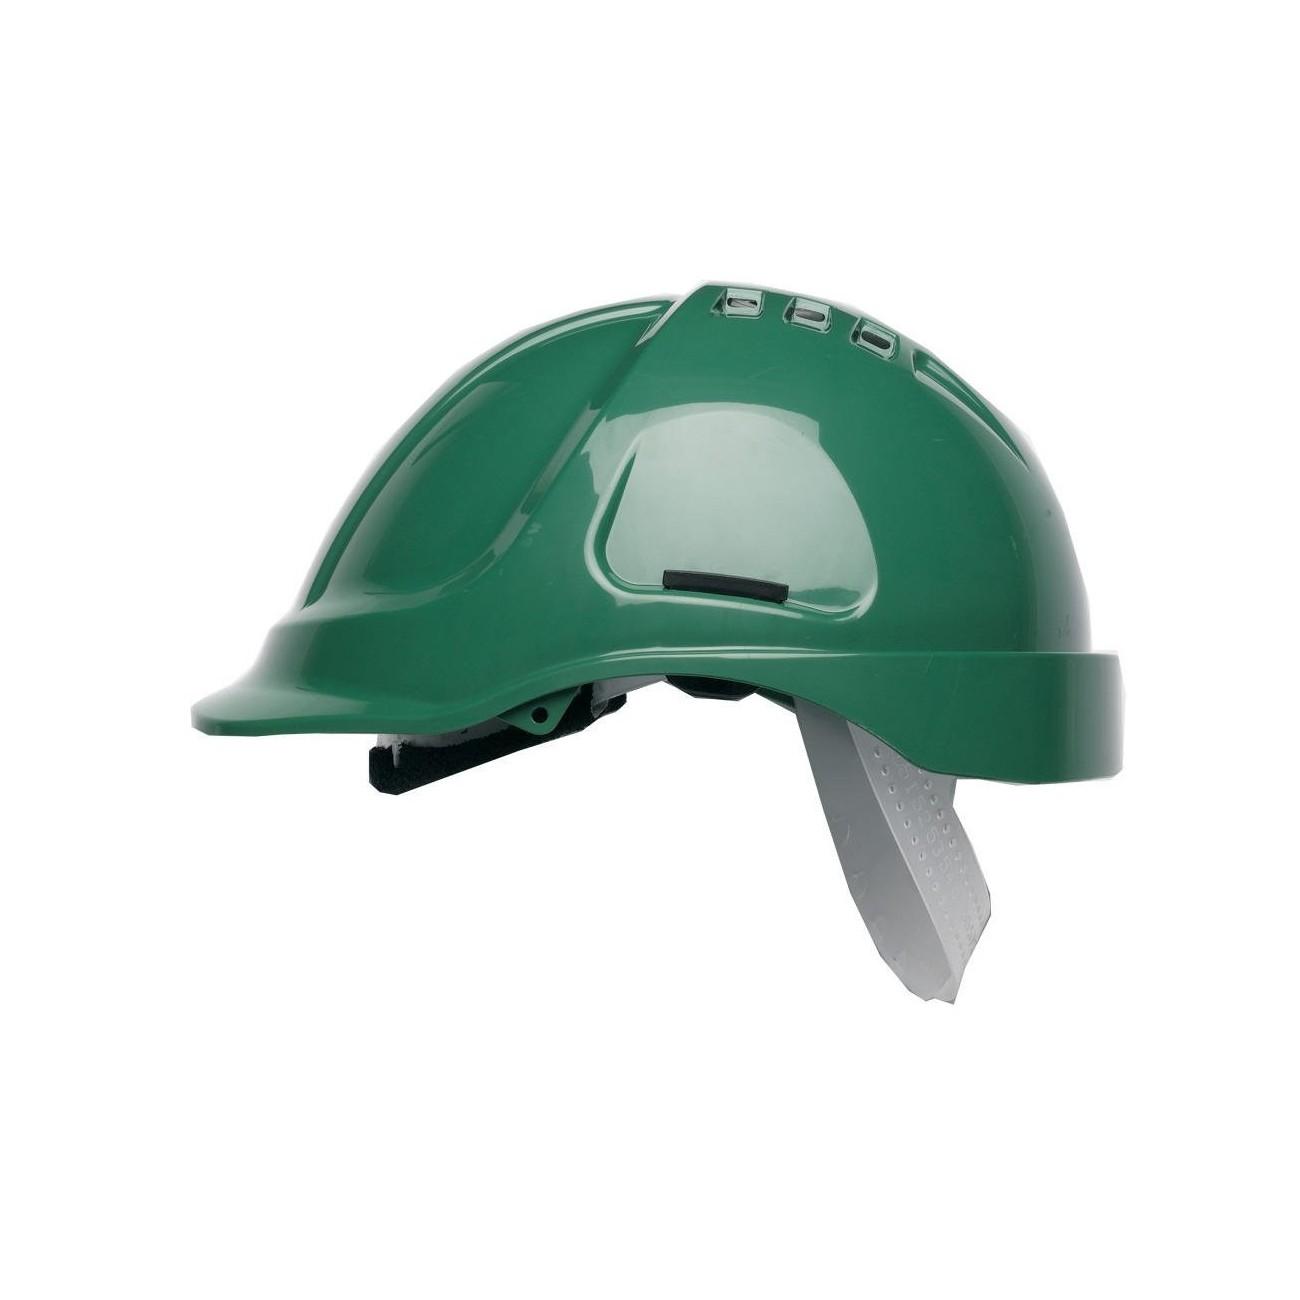 Scott Range HC600 - Casco con ventilación, color negro, verde, 1